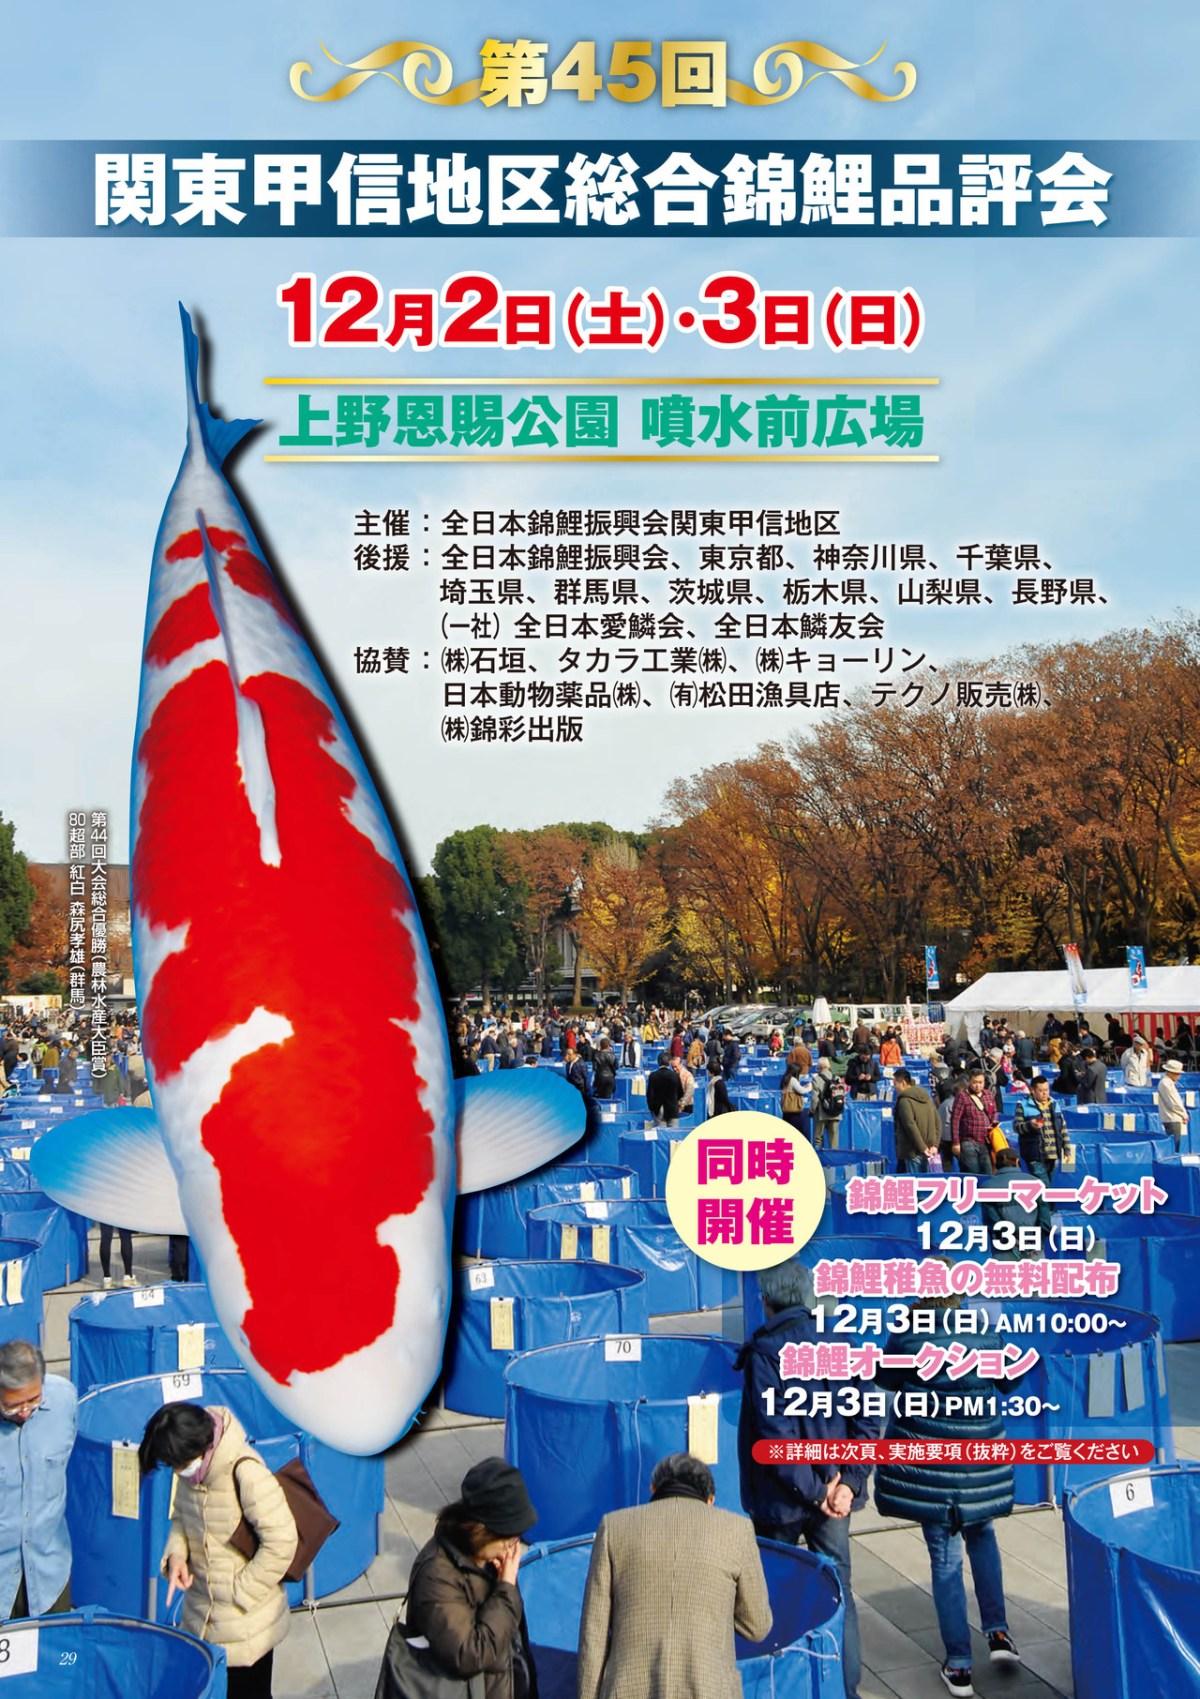 第45回関東甲信地区総合錦鯉品評会